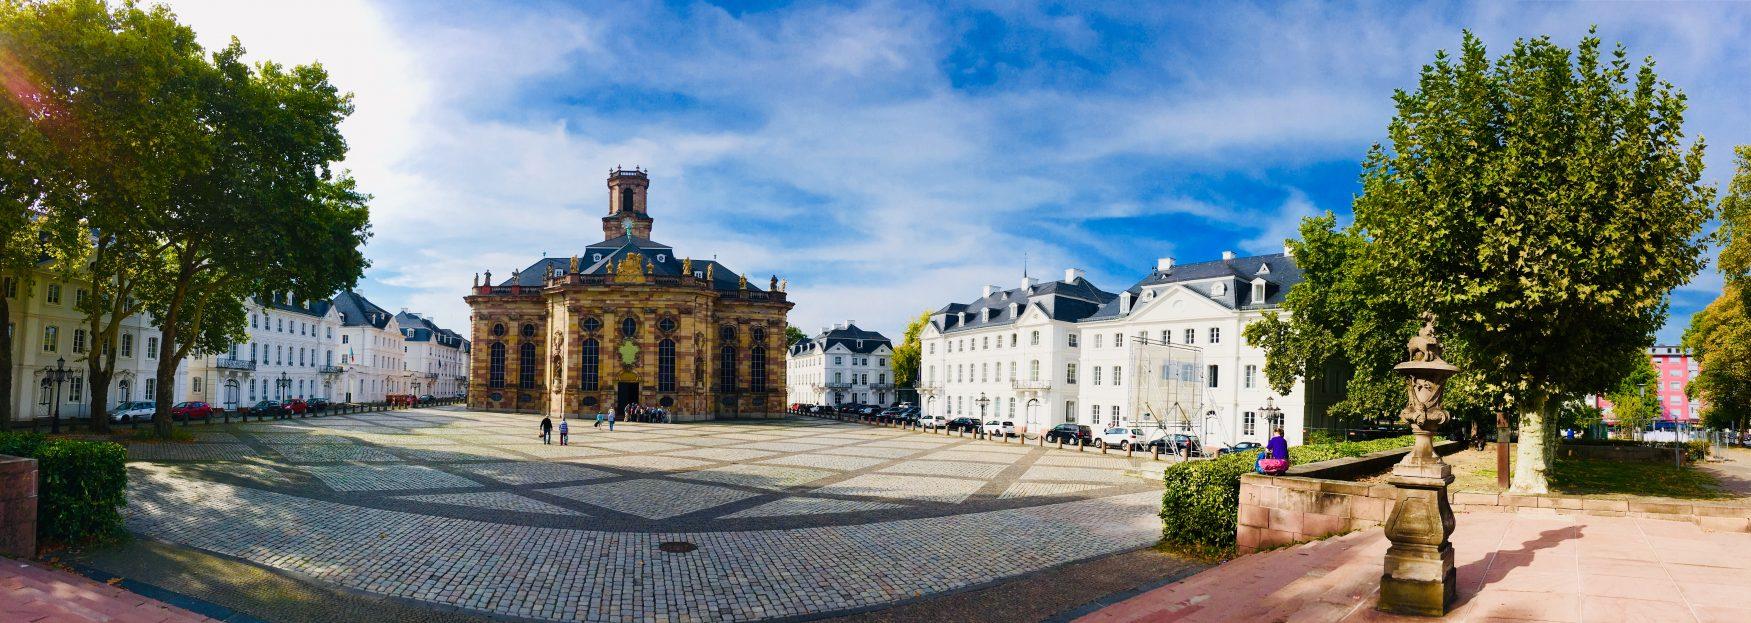 Blick auf die Ludwigskirche und Ludwigskirchplatz in Alt-Saarbrücken, Foto: Weirauch